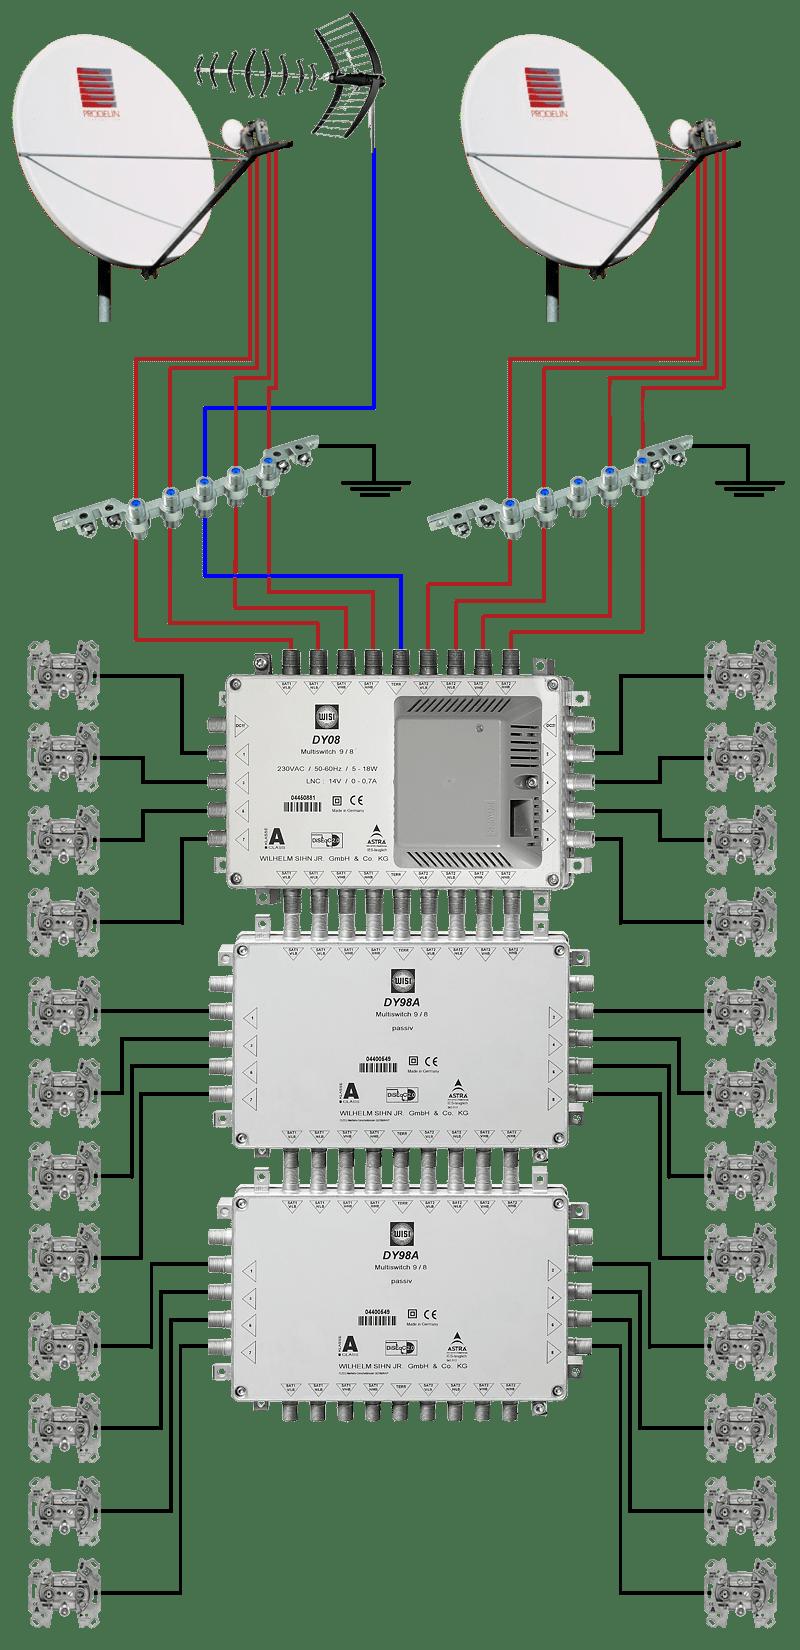 Instalacja-2S-24-Abonentow